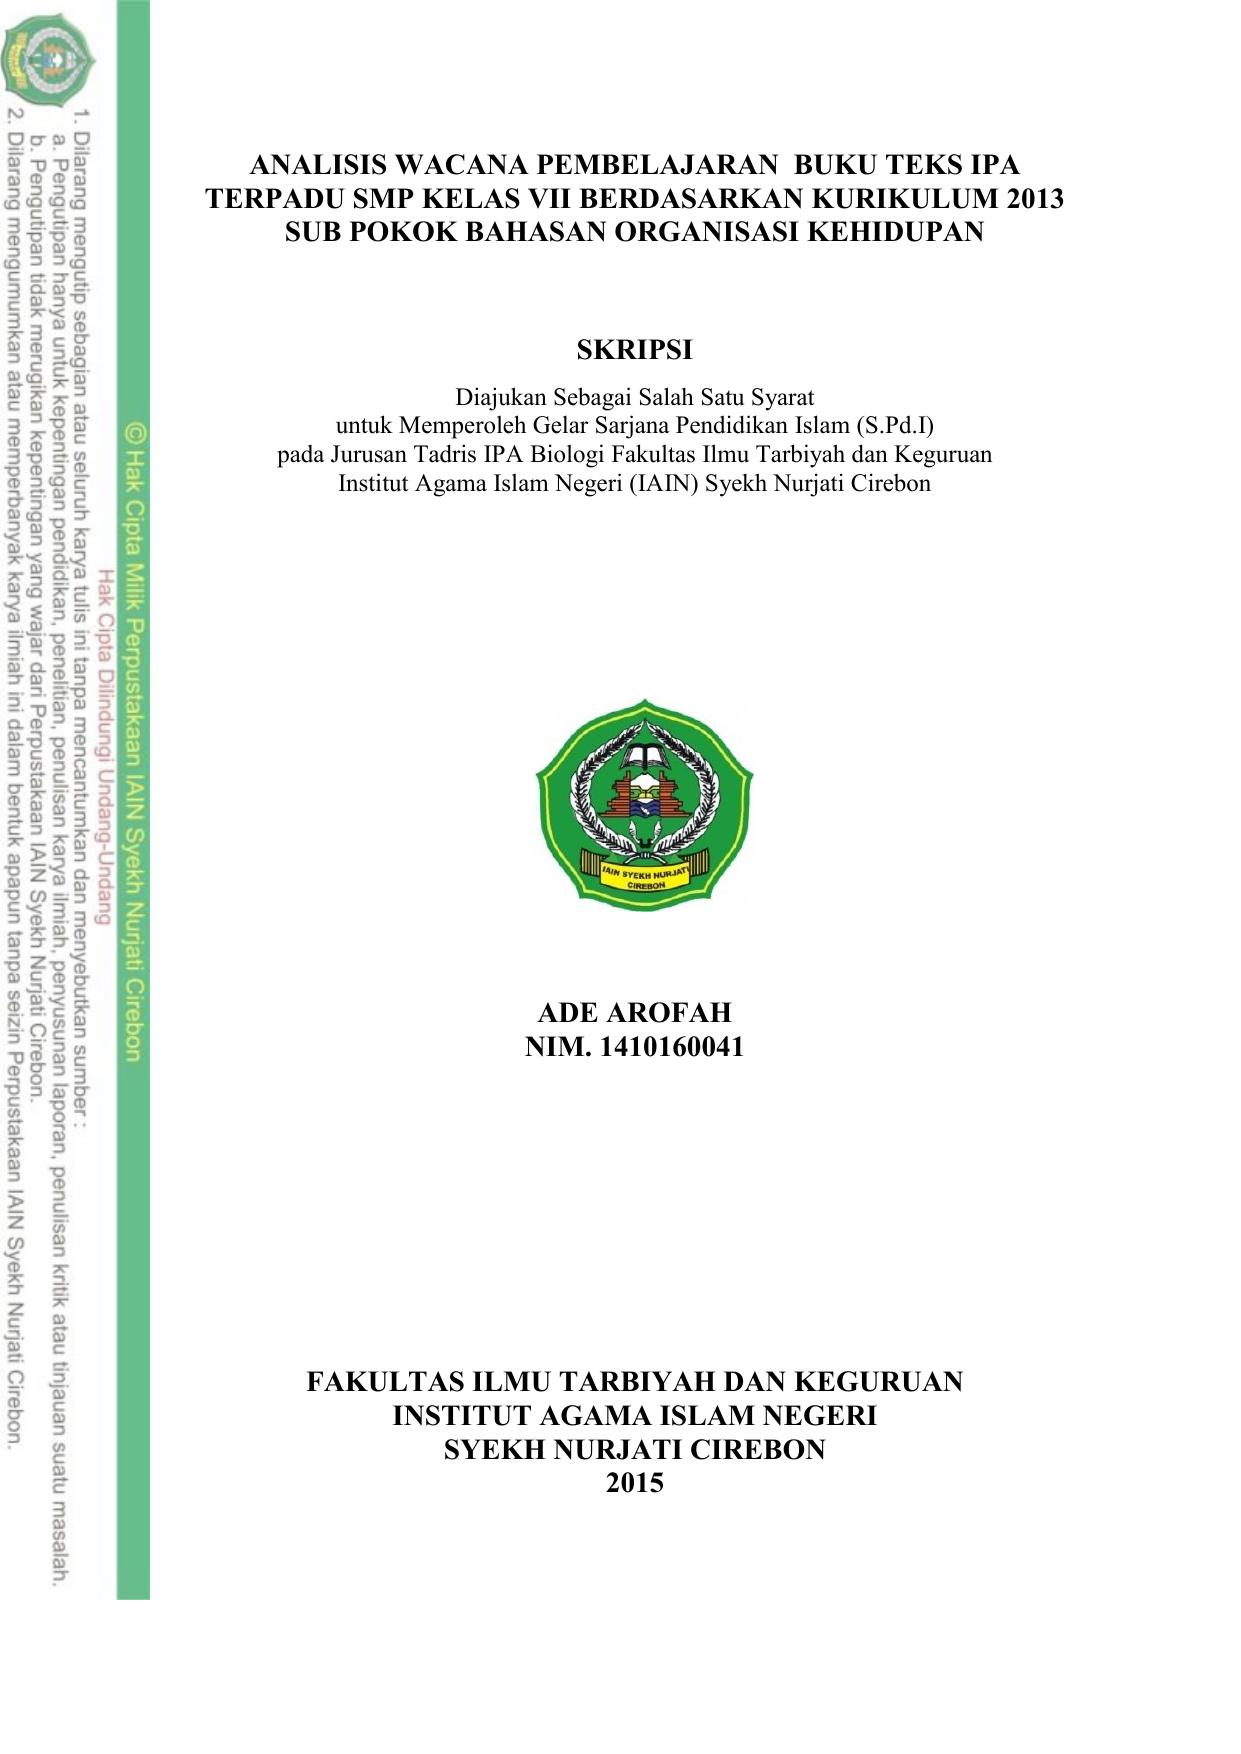 Analisis Wacana Pembelajaran Buku Teks Ipa Terpadu Smp Kelas Vii